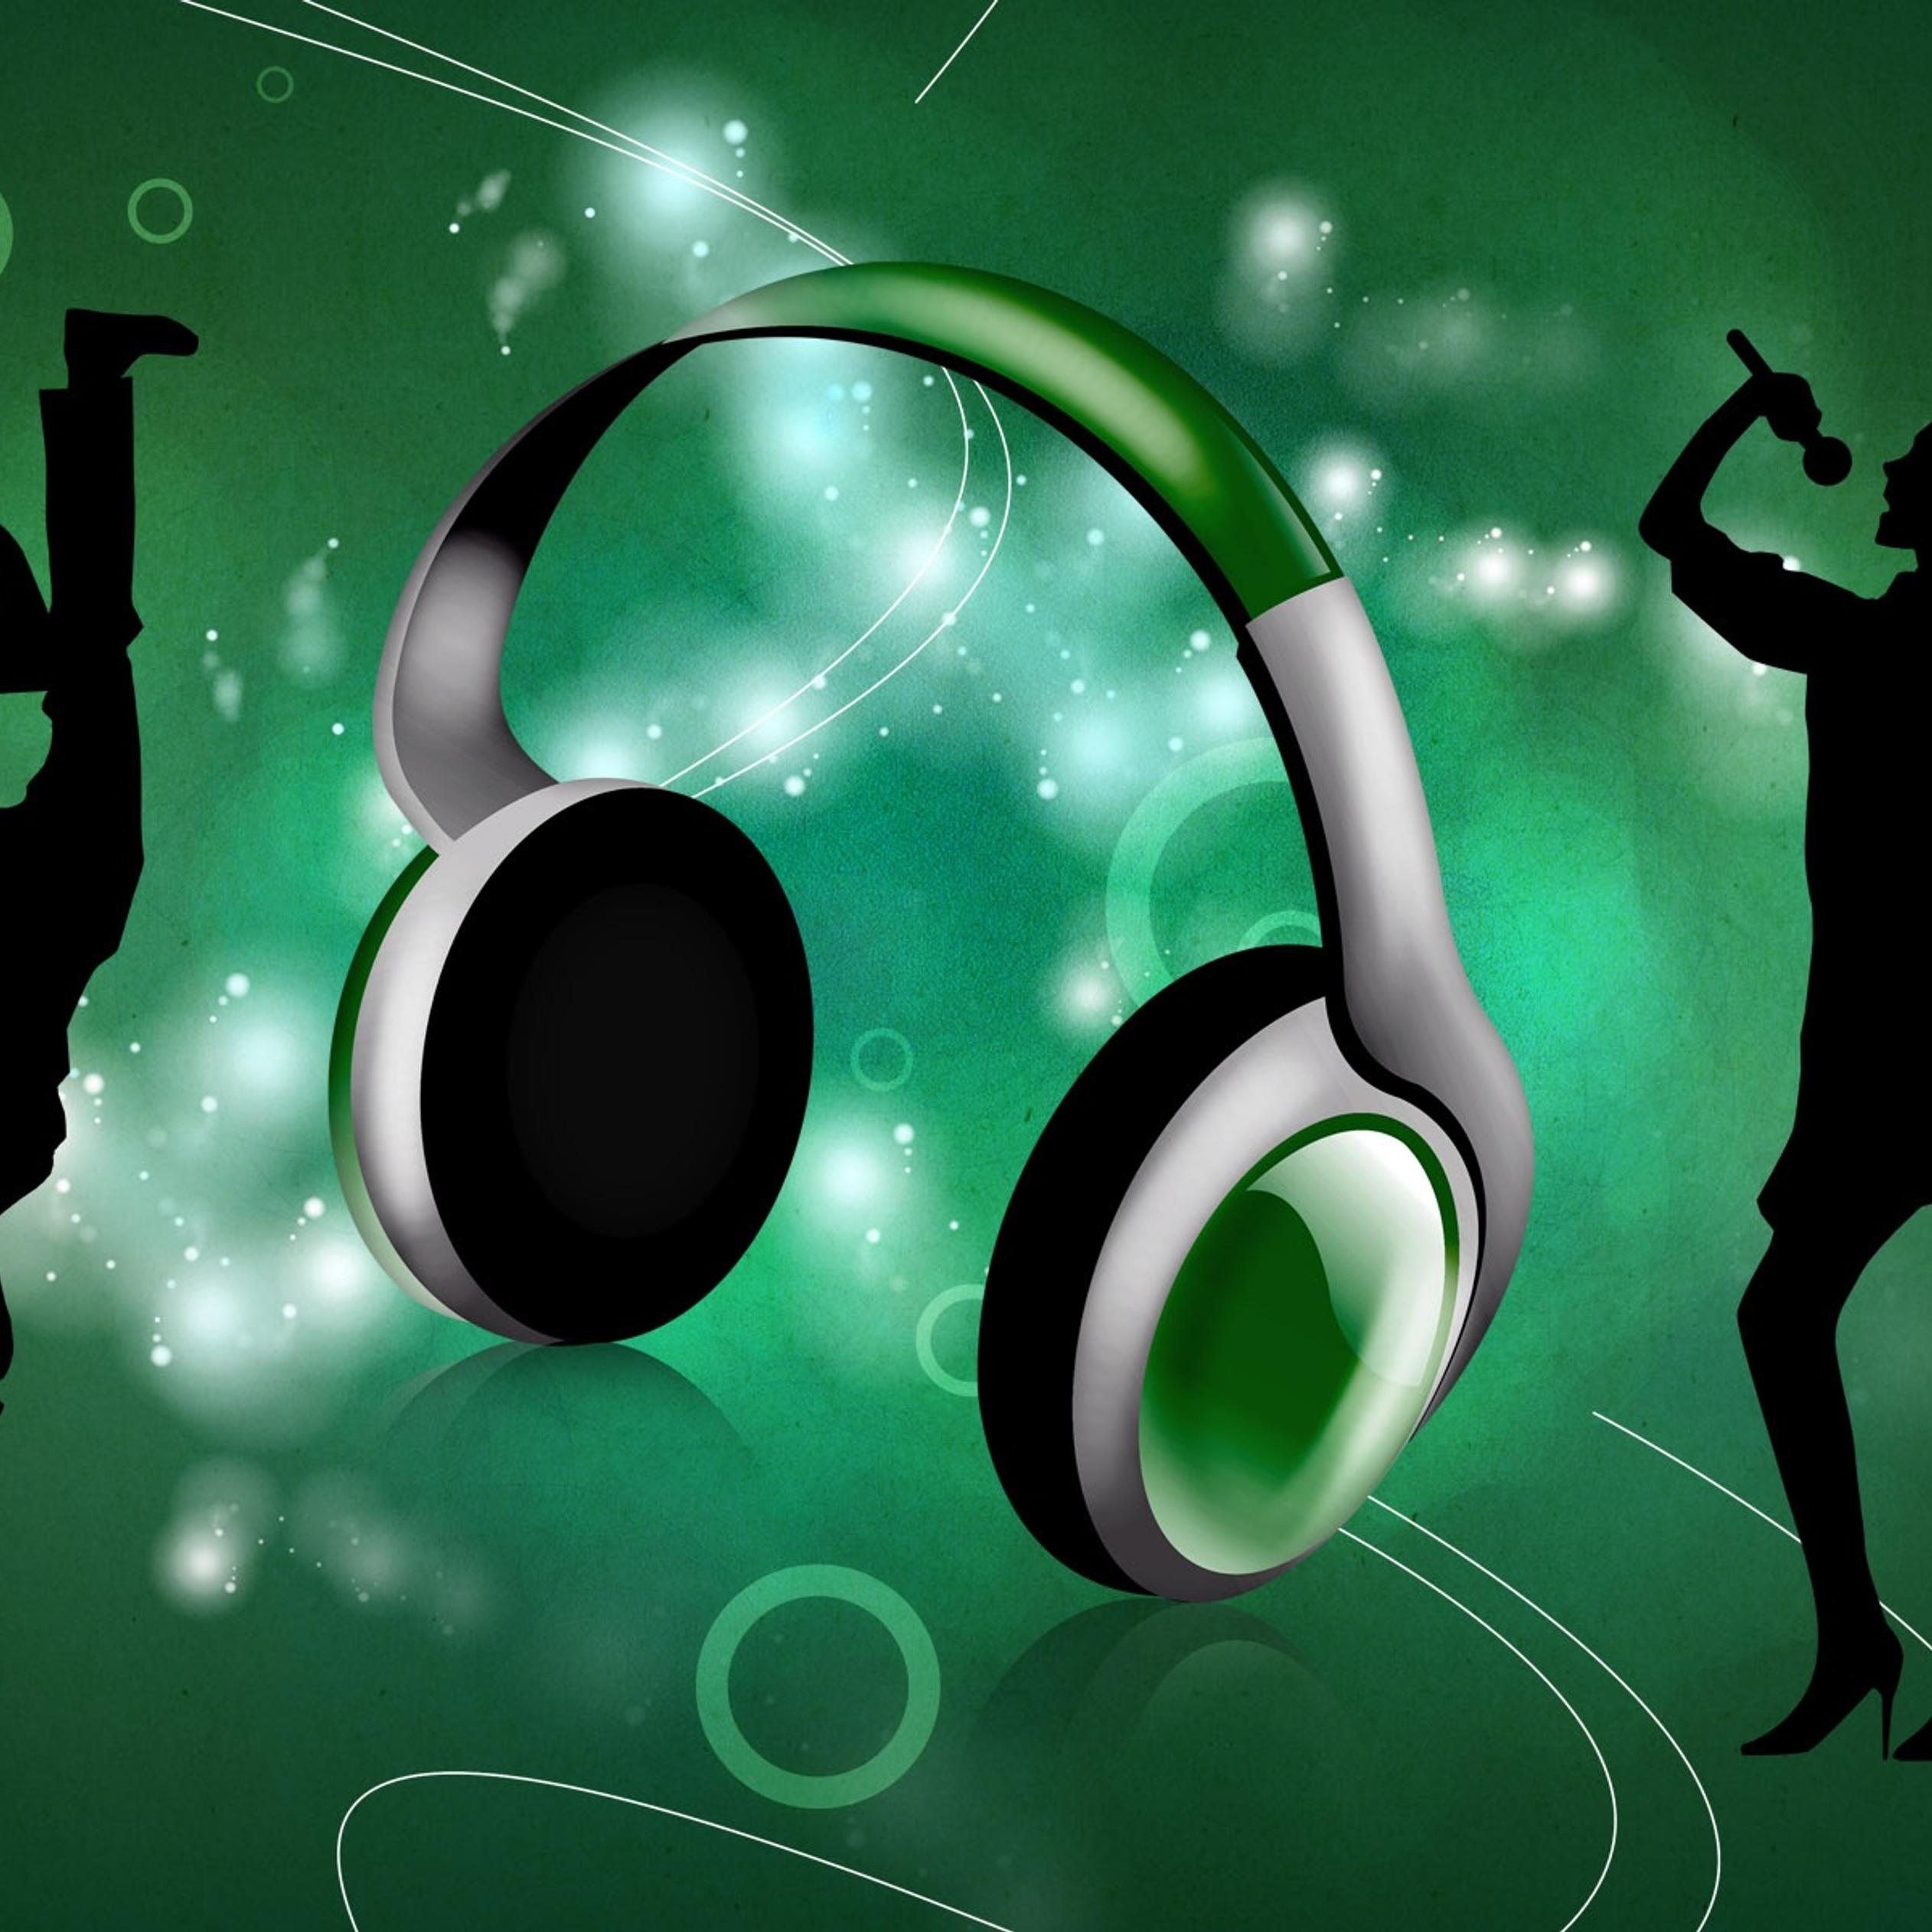 Статус в контакте про музыку